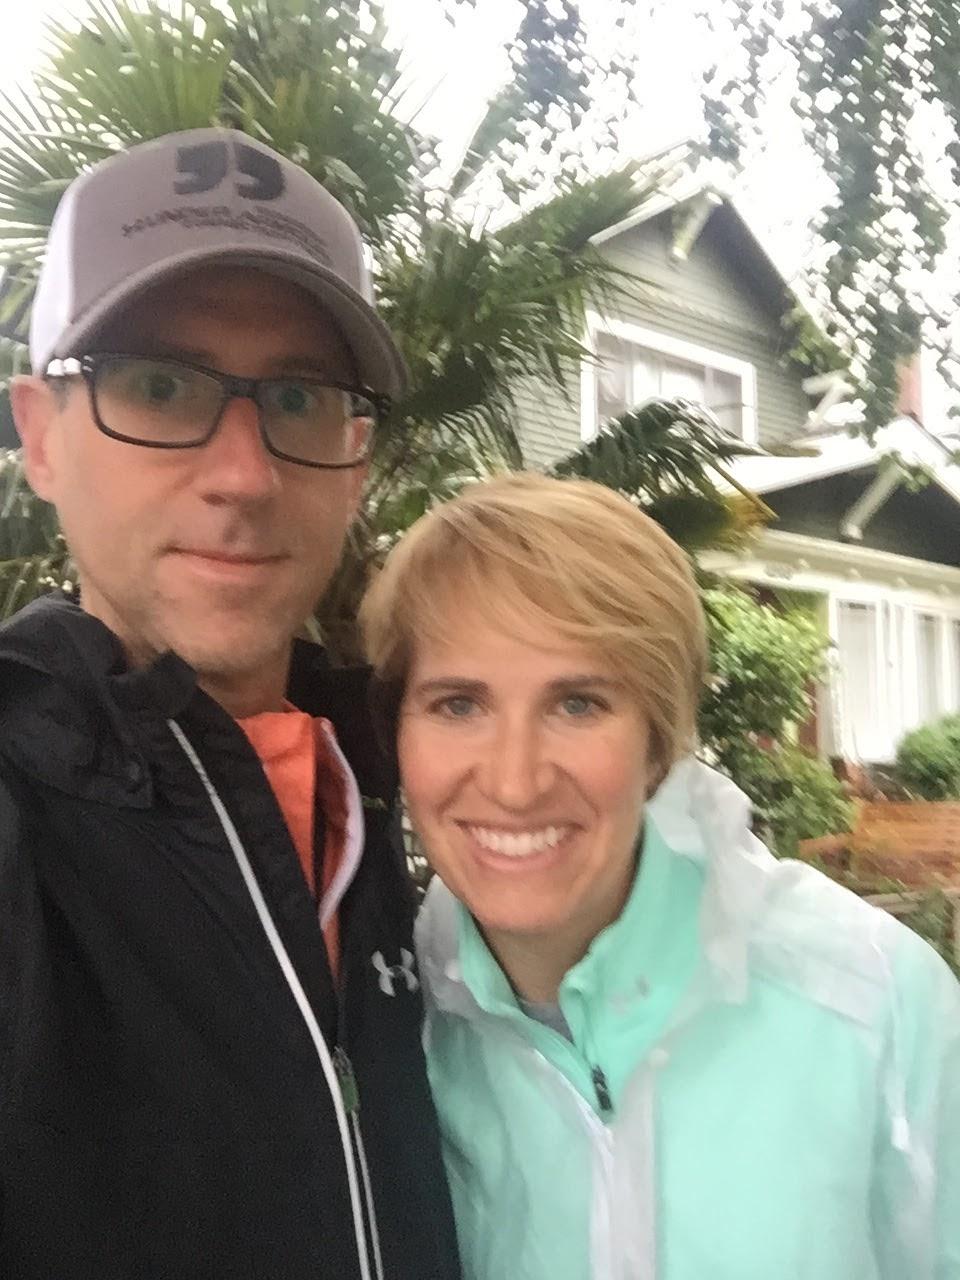 Elise & Josh in Seattle